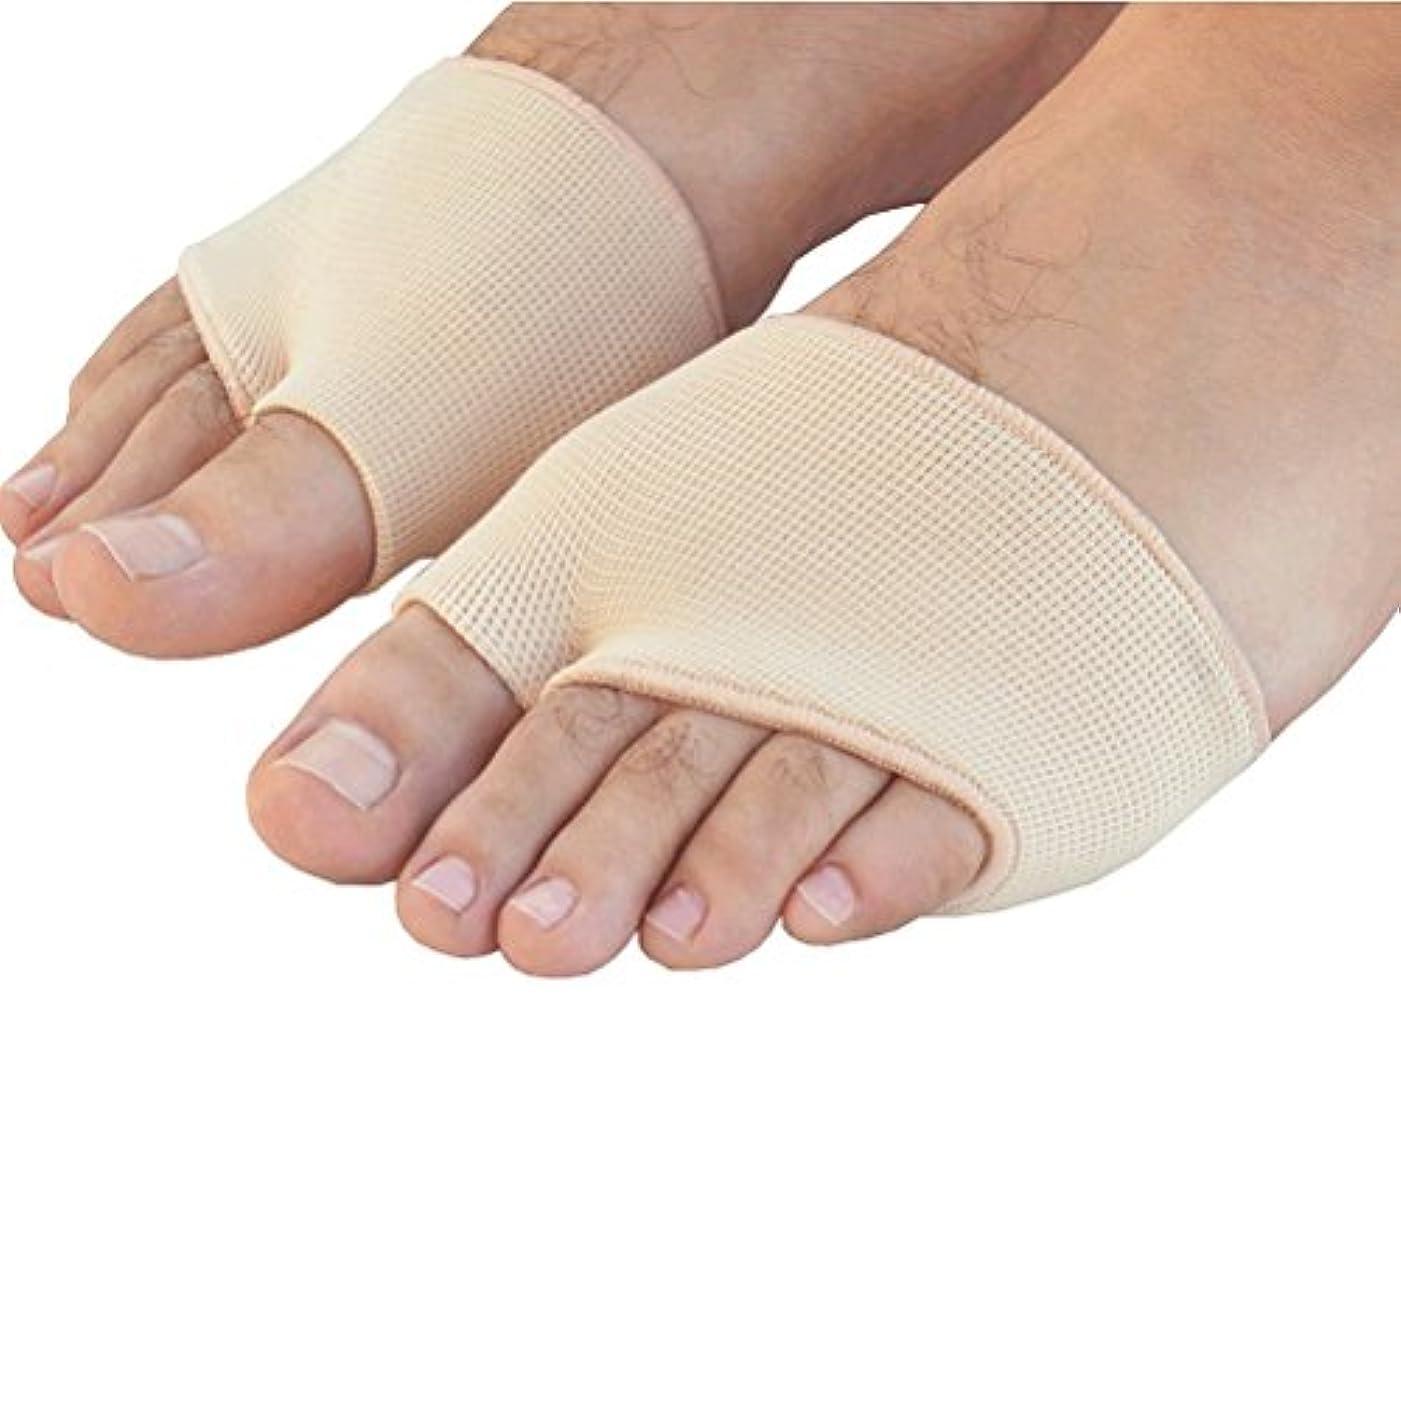 ロゴ売り手ごちそうROSENICE ゲル前足中足骨の痛み救済吸収クッション パッド 足底筋膜炎インソール 衝撃吸収 サイズS(肌の色)